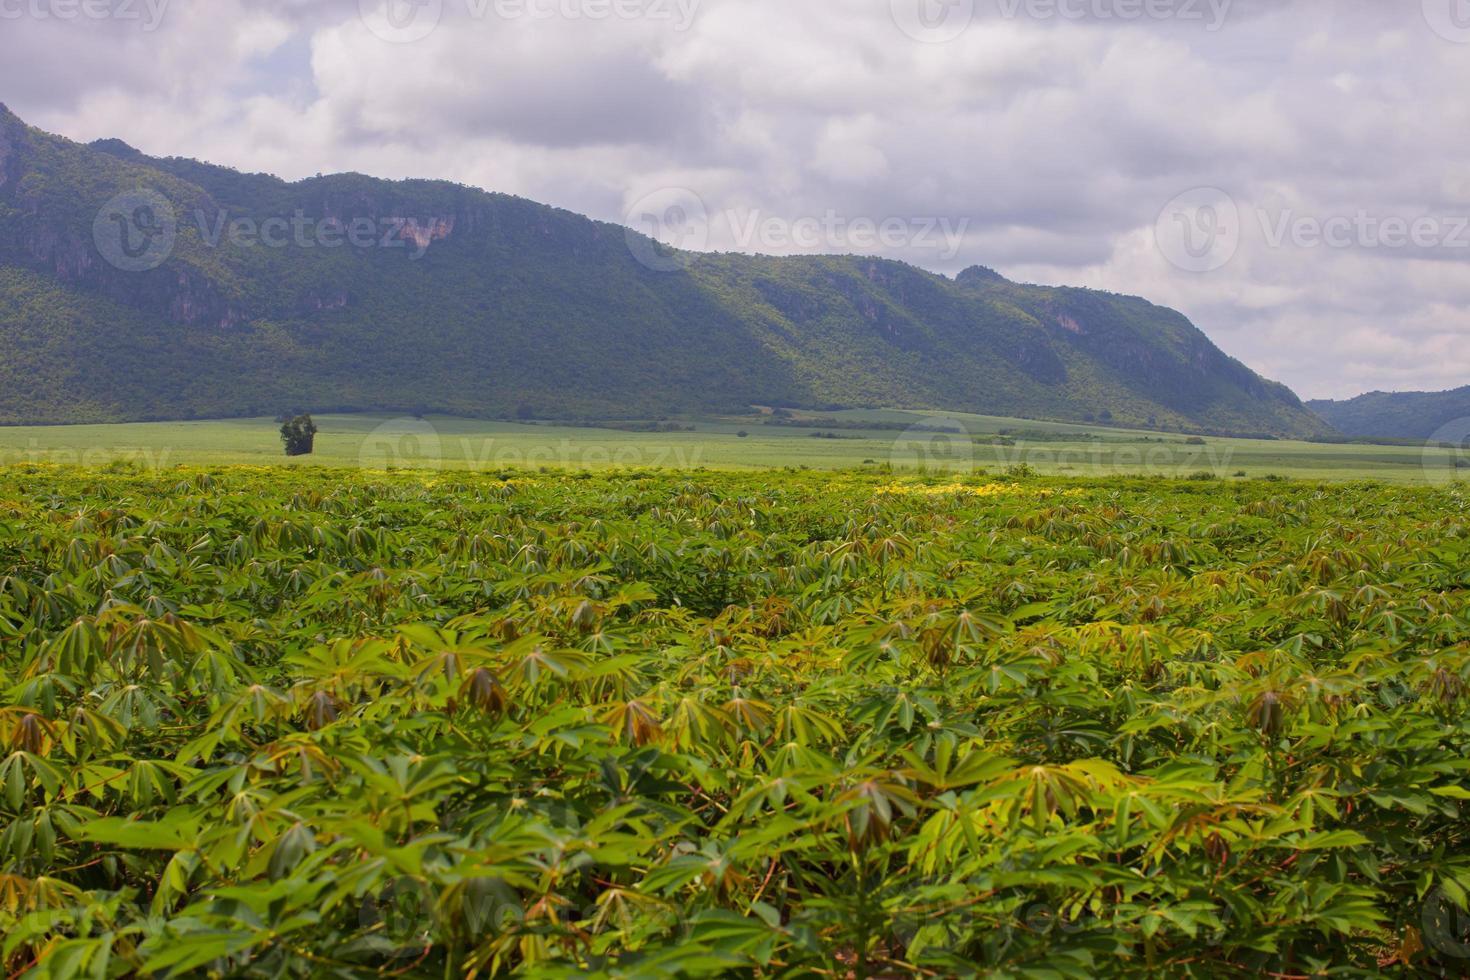 Maniokfarm vor Bergen gegen einen bewölkten Himmel foto